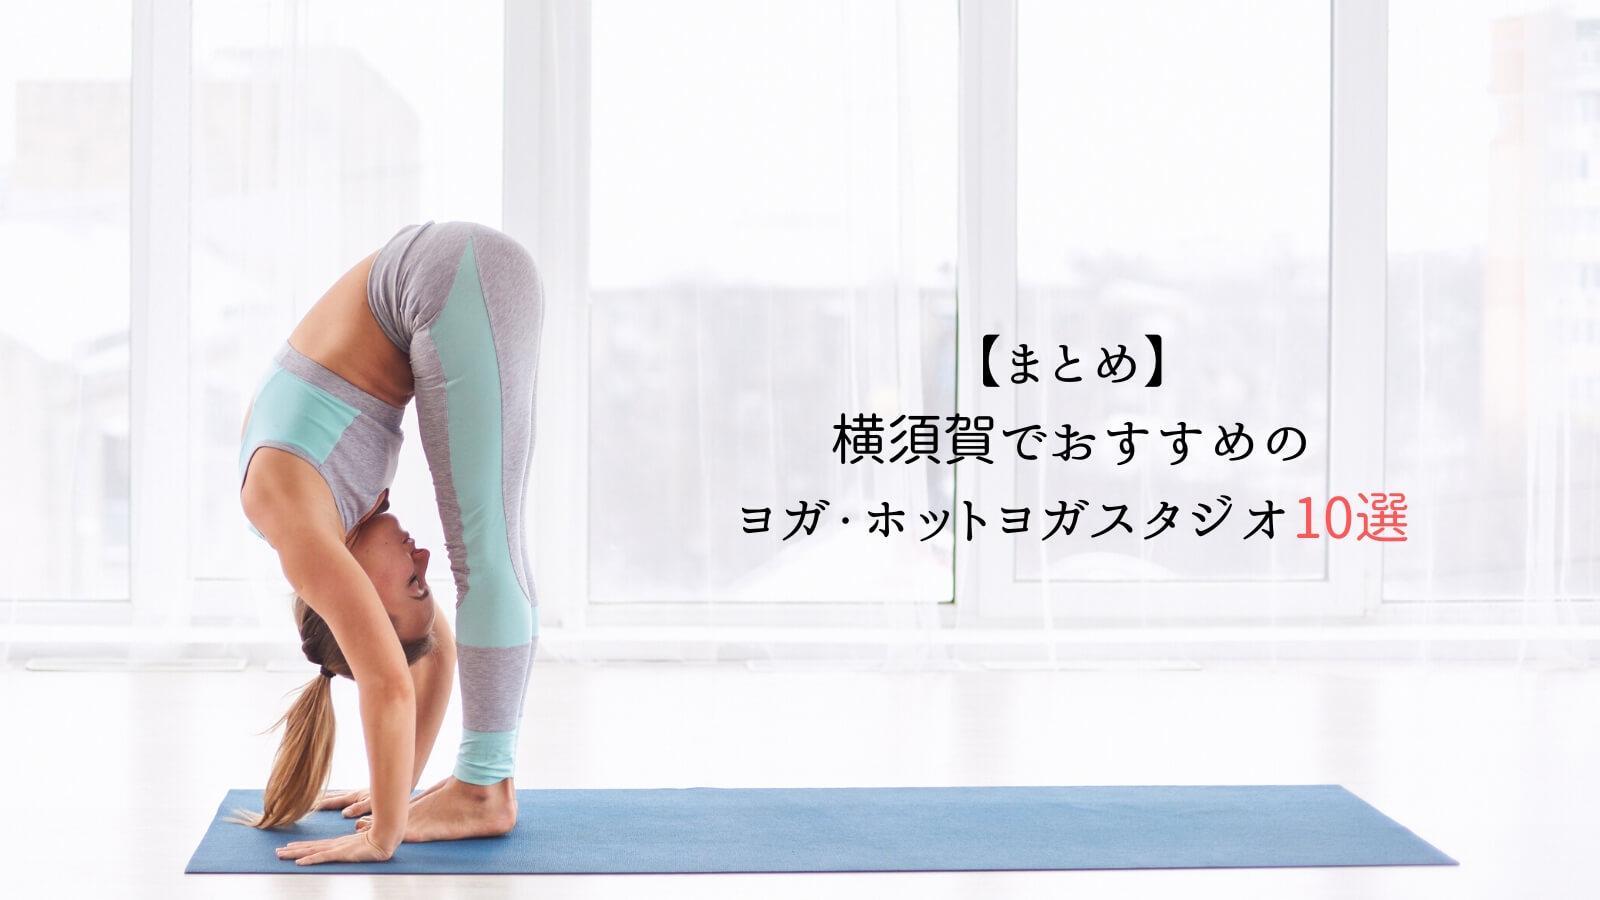 【まとめ】横須賀でおすすめのヨガ・ホットヨガスタジオ10選